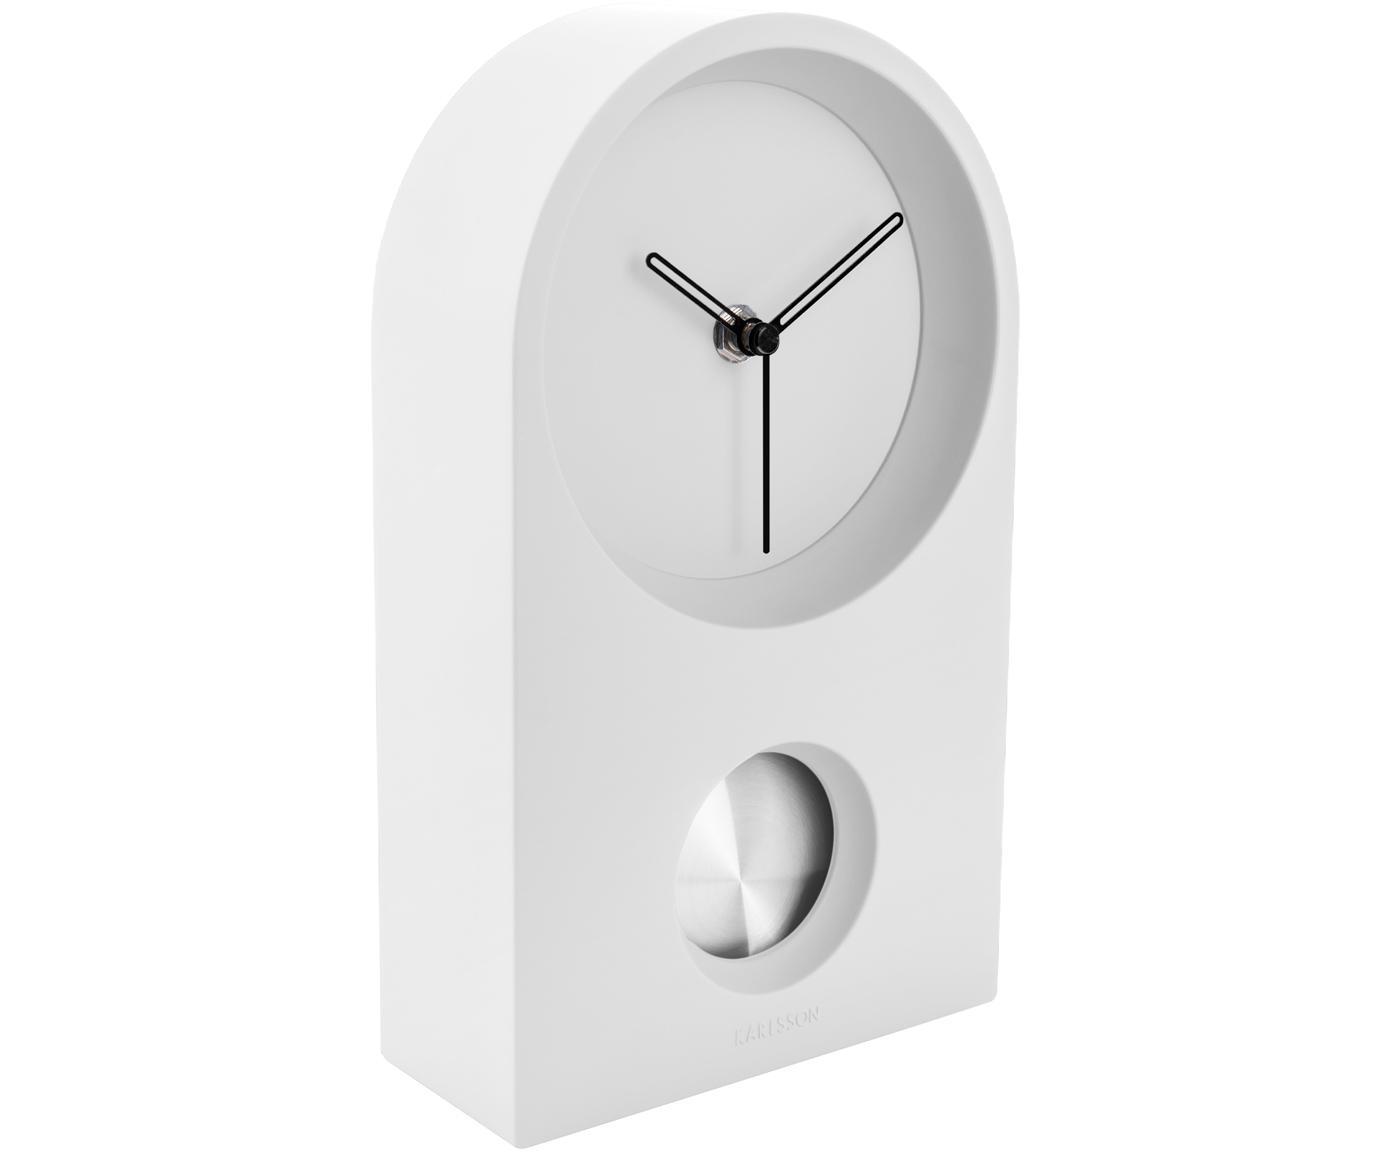 Tischuhr Taut, Kunststoff (ABS), Weiss, Silberfarben, Schwarz, 15 x 25 cm